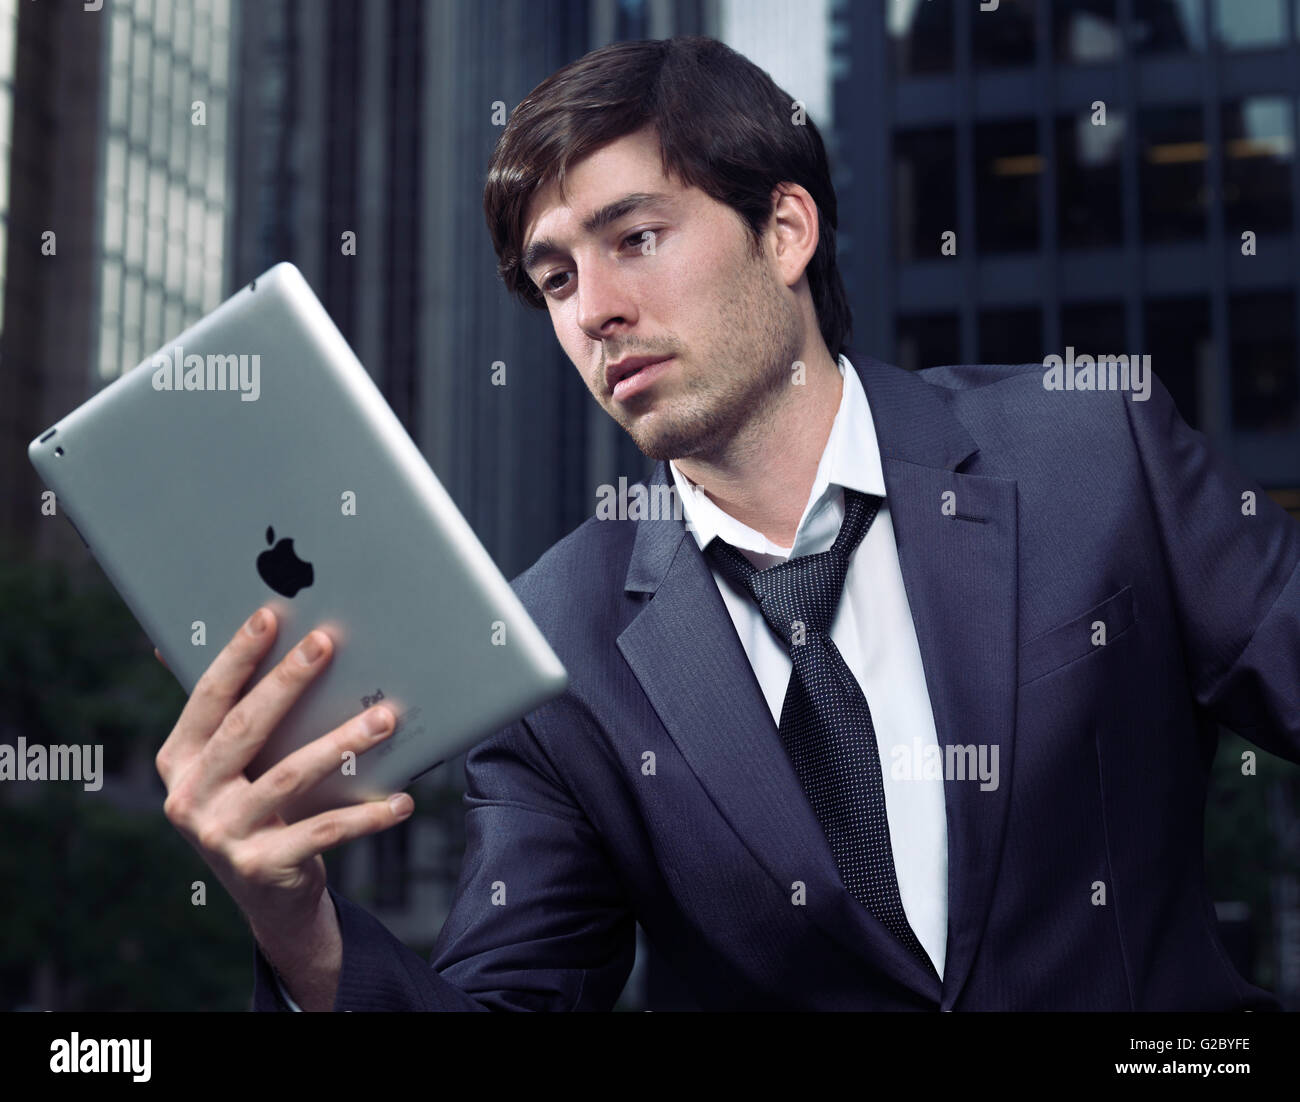 Imprenditore in un vestito utilizzando Apple computer tablet iPad con il centro di edifici per uffici a retro, Toronto, Immagini Stock